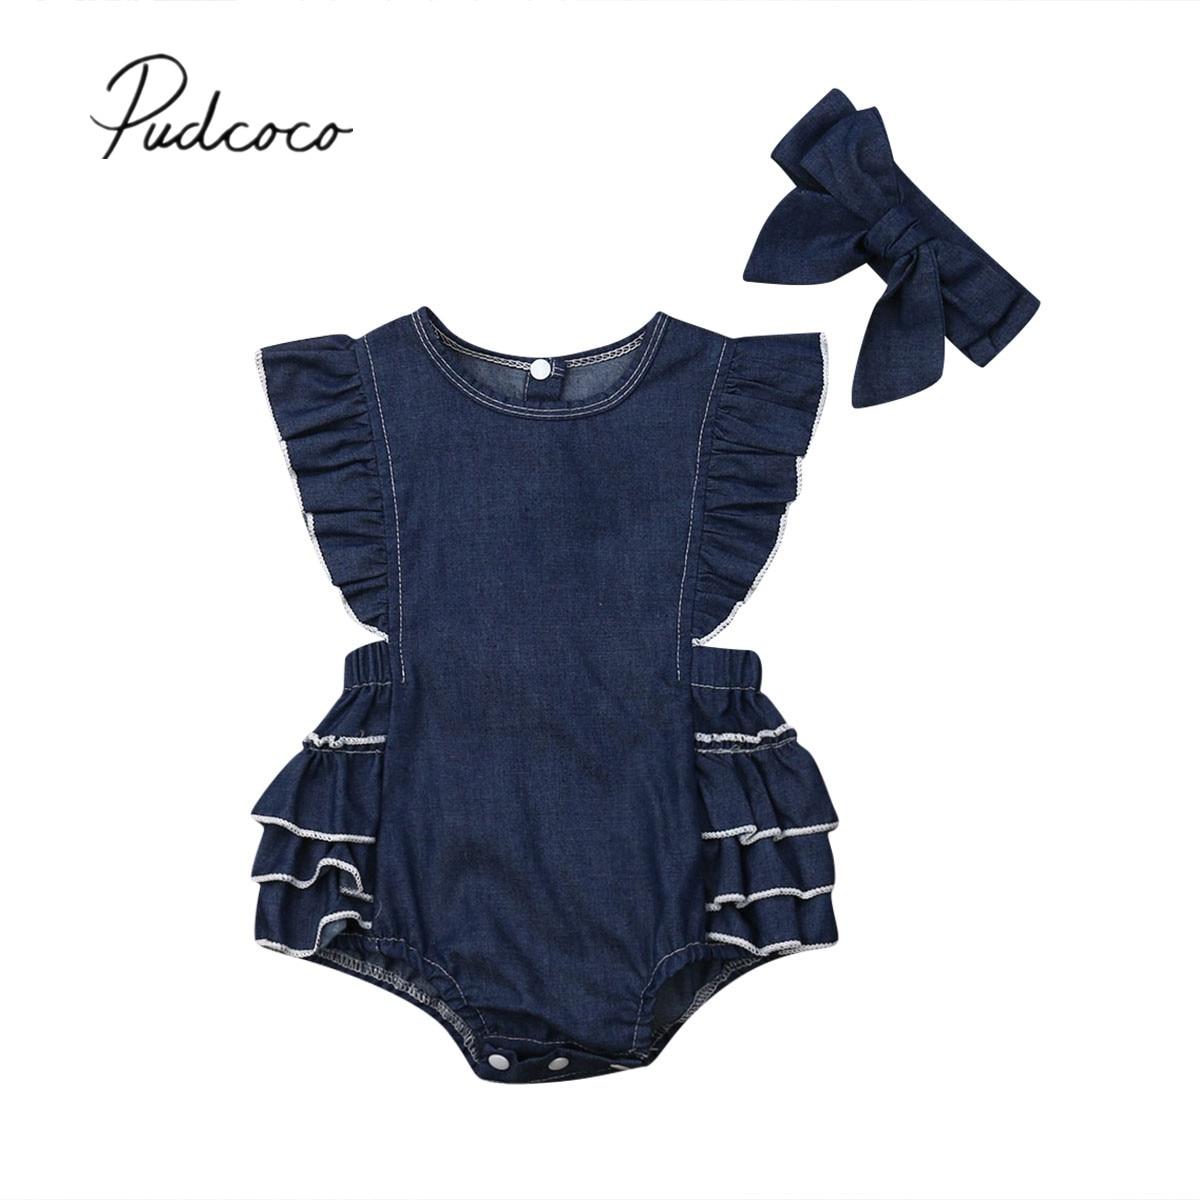 2019 bebê roupas de verão 0-24m infantil bebê menina denim azul macacão bandana 2 pçs conjunto de roupas babados manga curta bodysuits